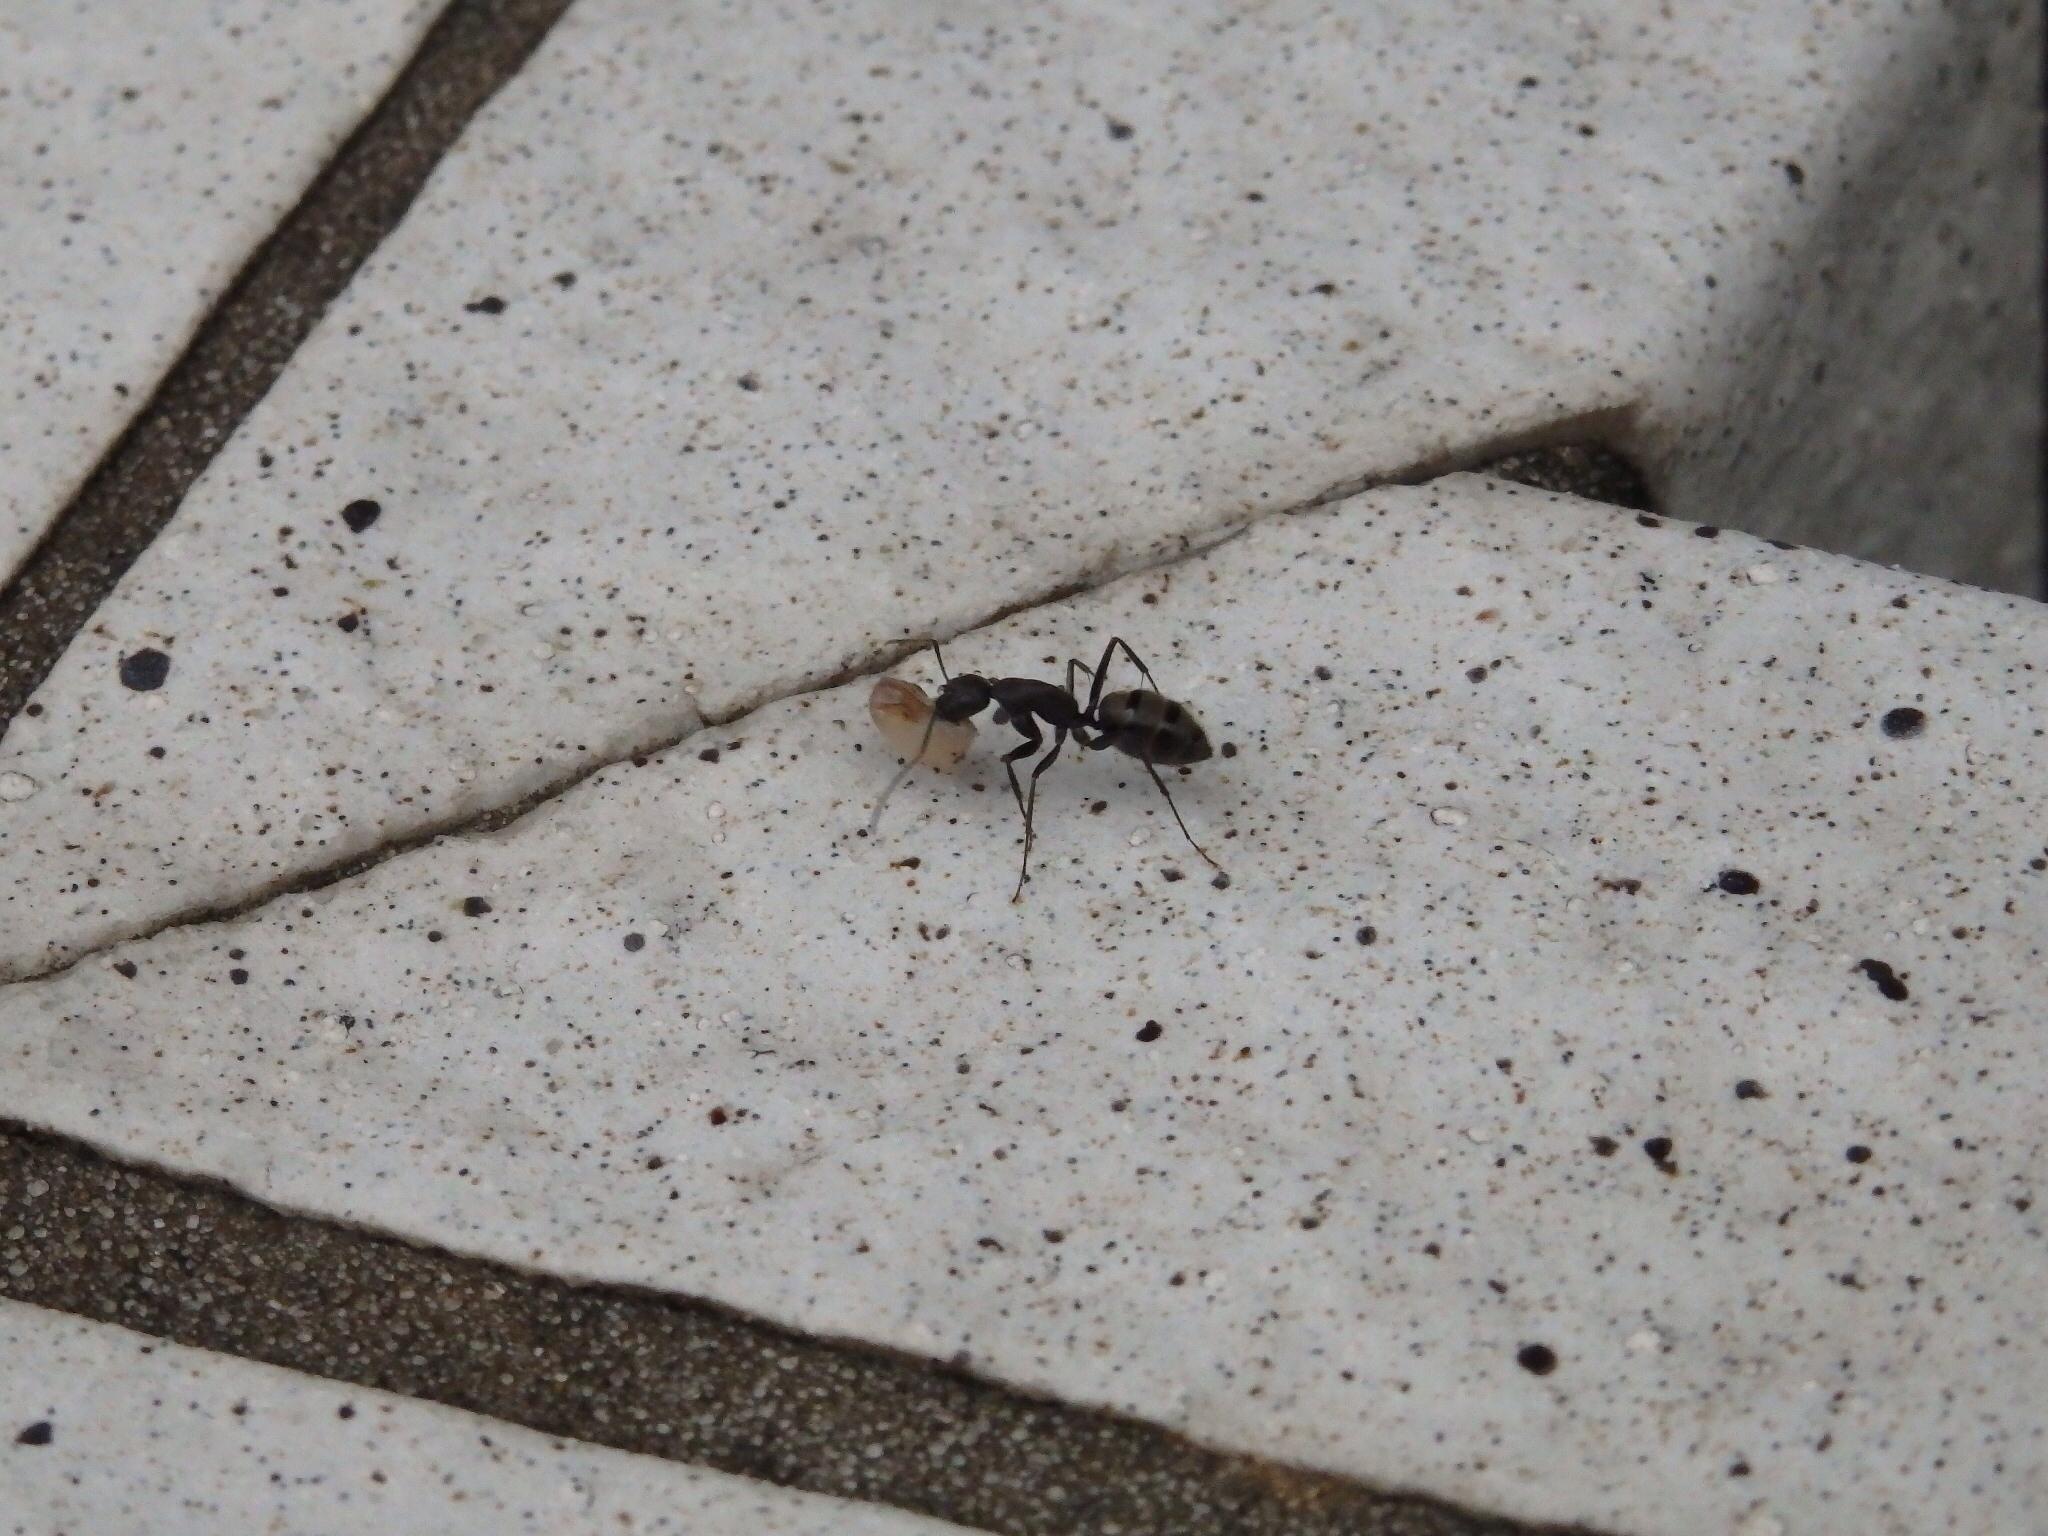 せっせと餌を運ぶこの蟻も、おばあちゃん@摂理の味